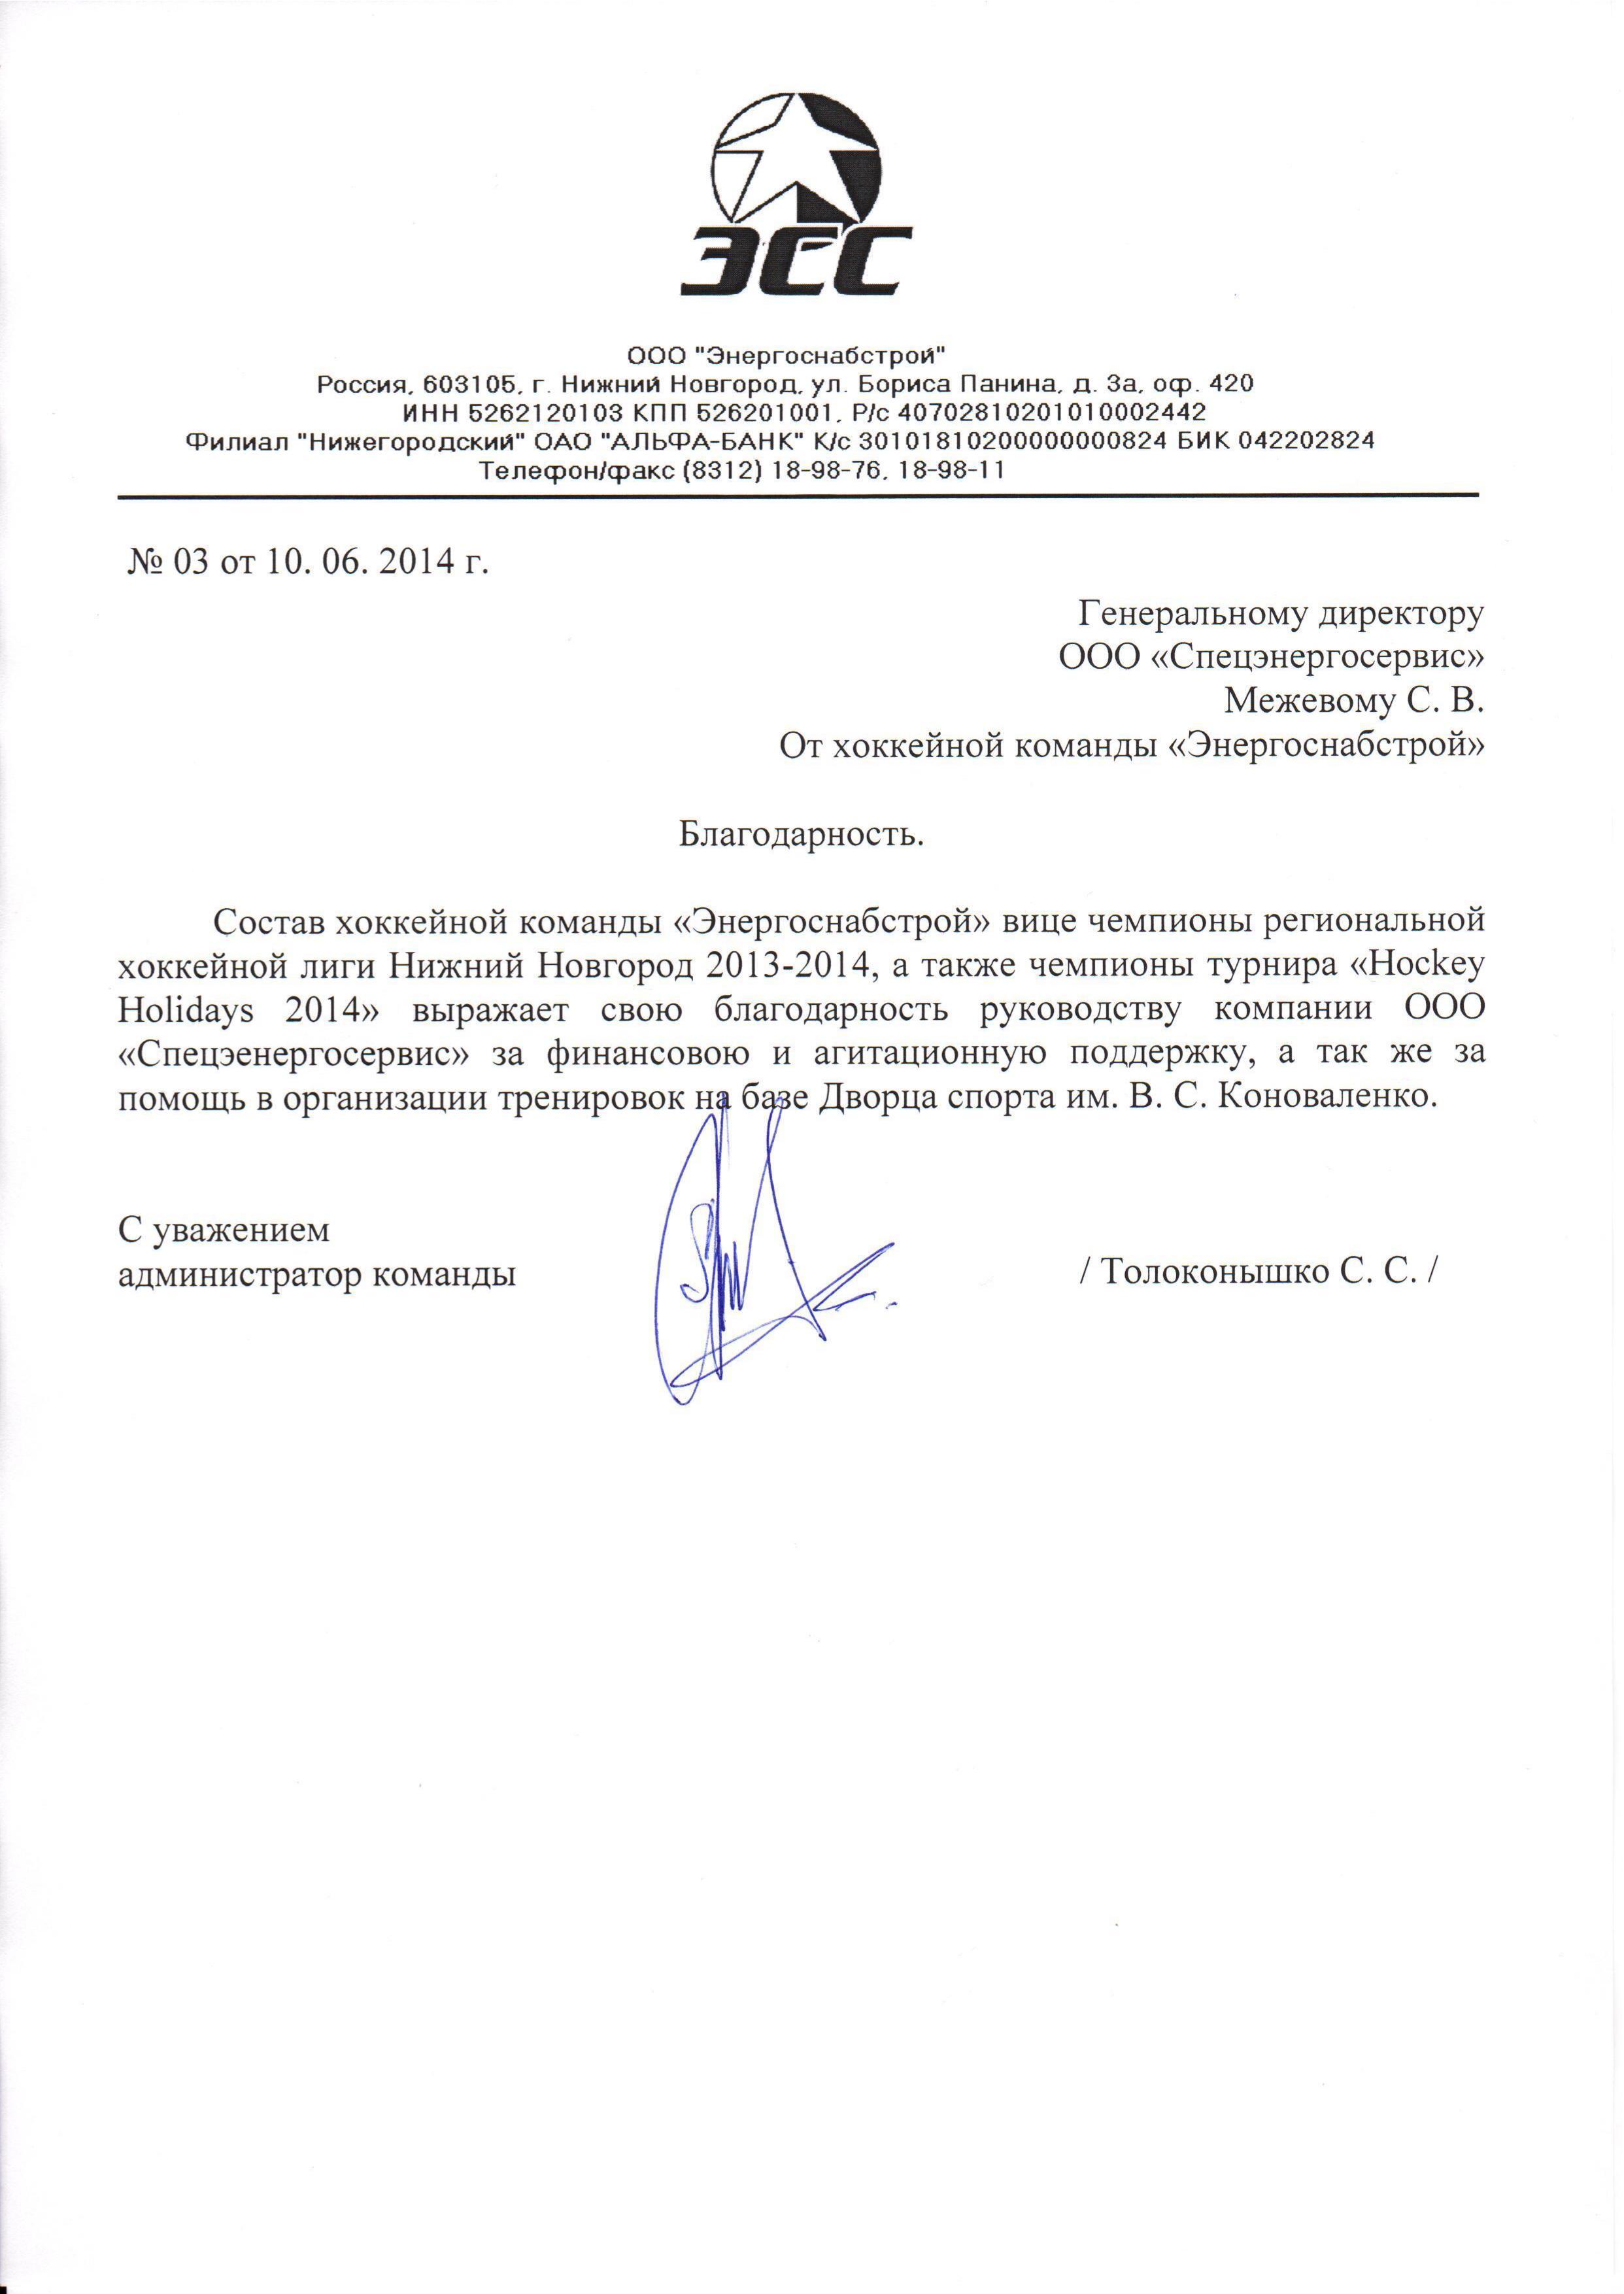 hokkeinaia-komanda-Energosnabstroi-2014